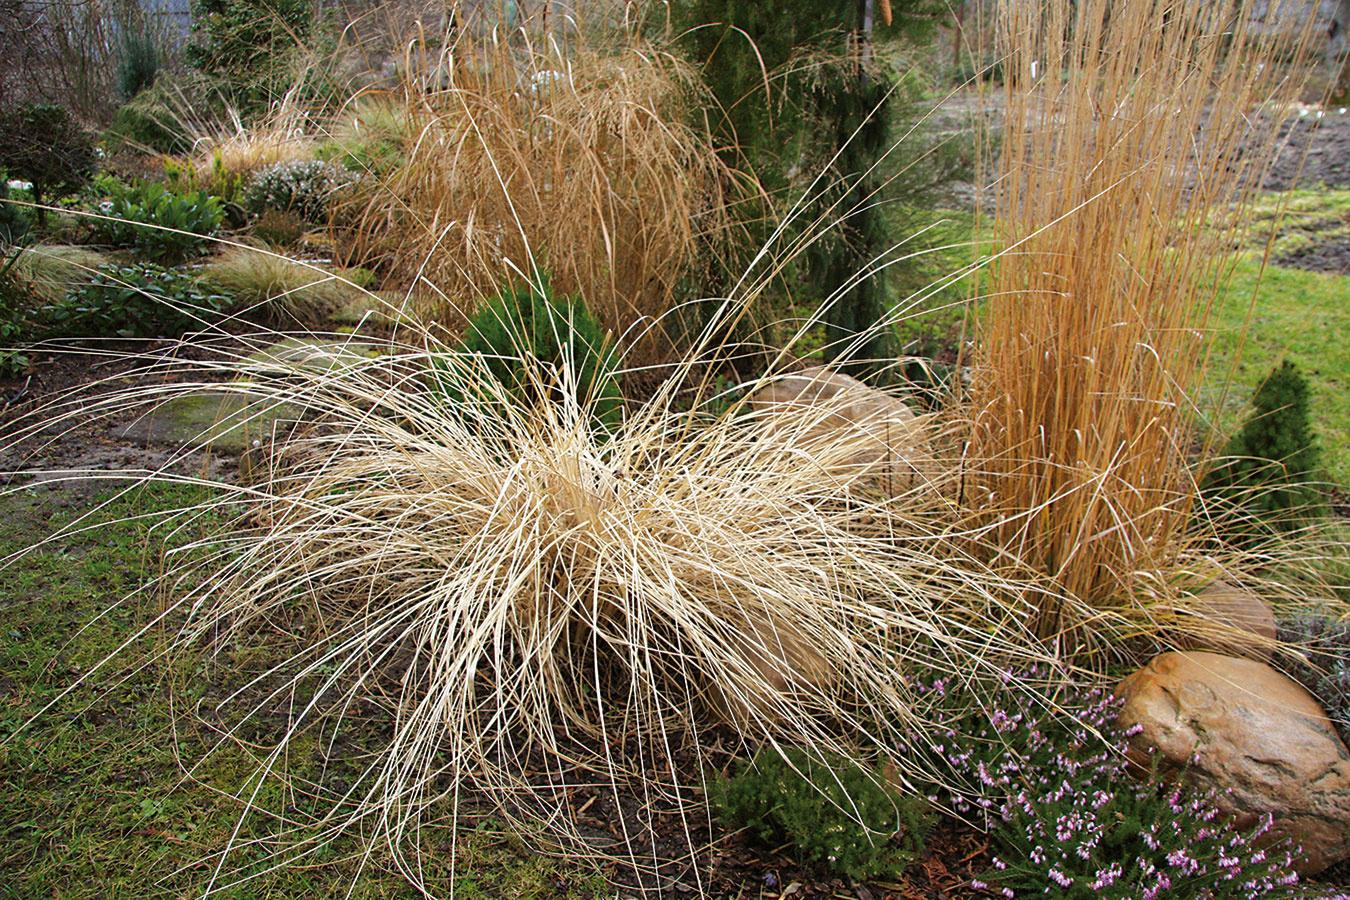 Koncom jesene azačiatkom zimy je potrebné skontrolovať, či sú všetky na chlad citlivejšie rastliny vzáhrade, na terasách abalkónoch dôkladne zazimované.